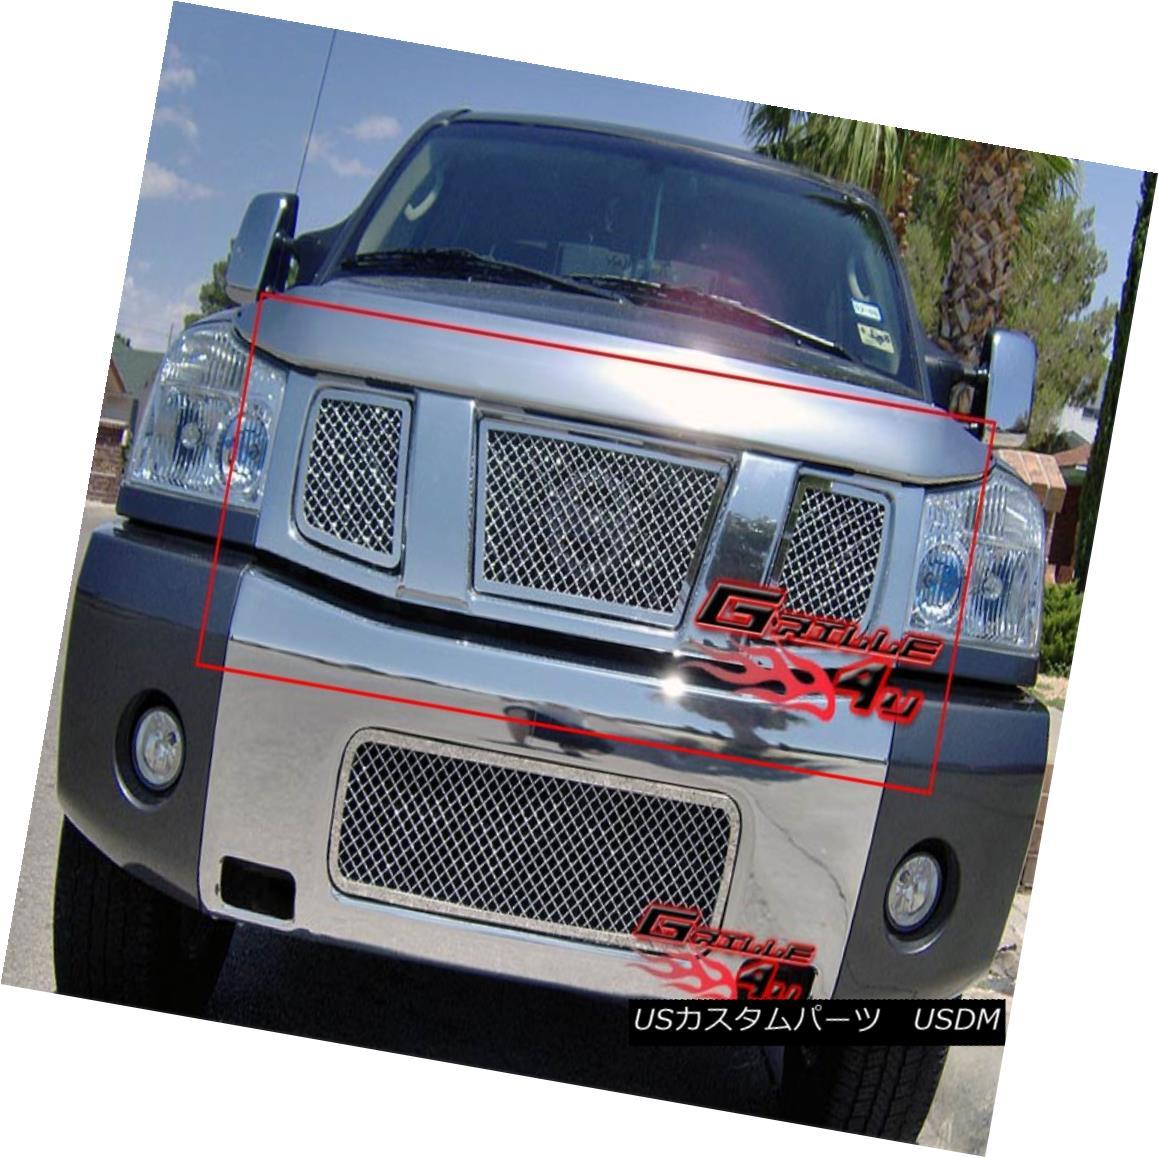 グリル For 04-07 Nissan Titan/Armada Stainless Mesh Grille Insert 04-07 Nissan Titan / Armadaステンレスメッシュグリルインサート